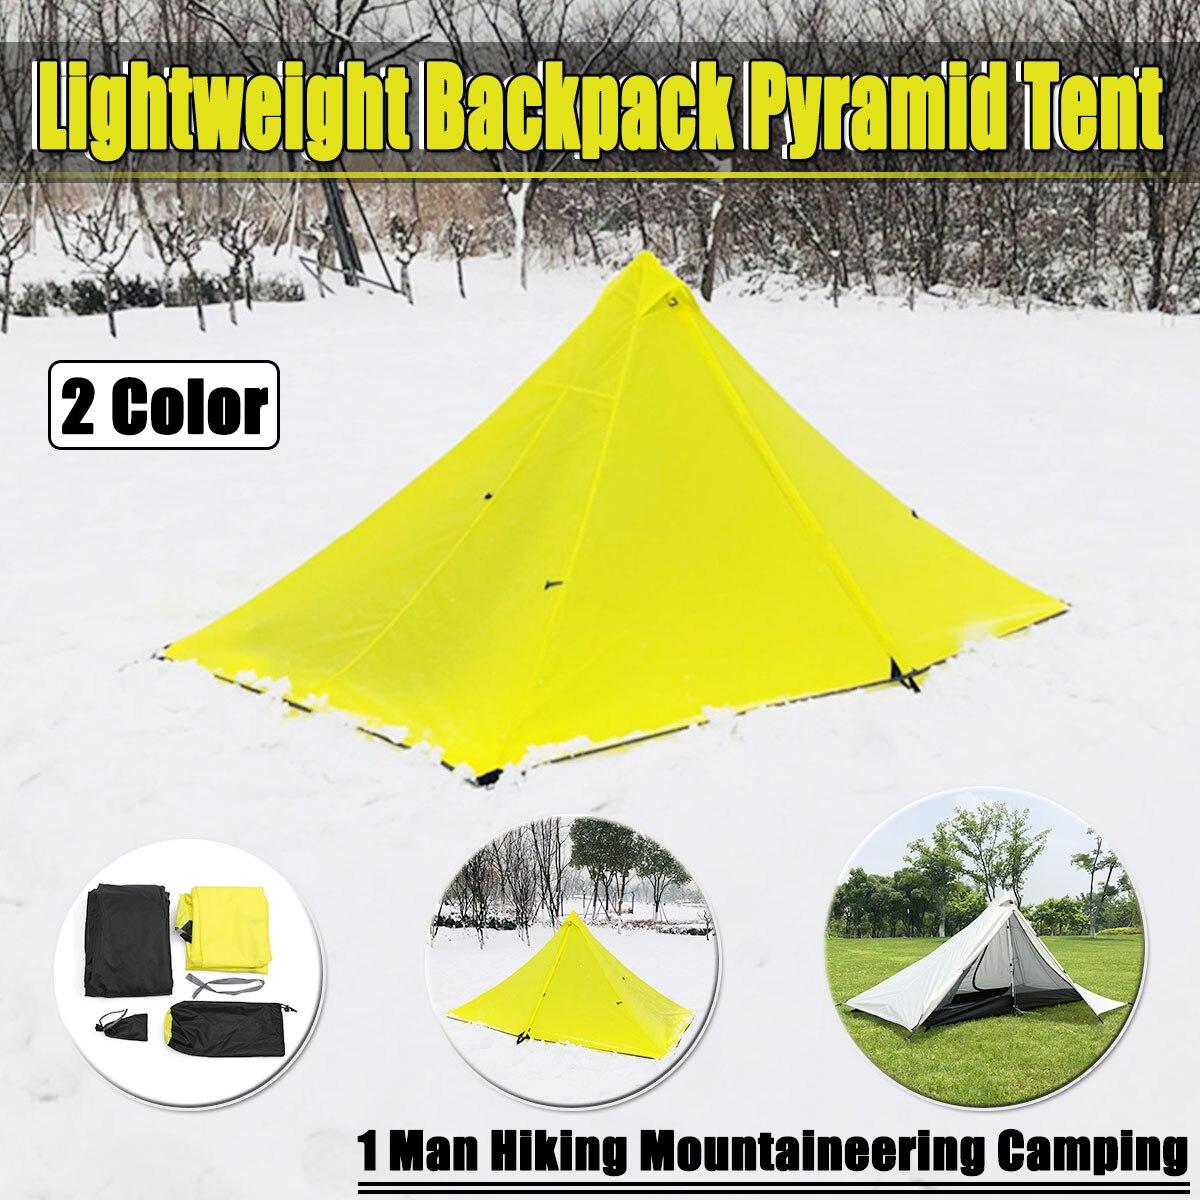 210 t Oudoor Lumière Poids Randonnée Ultra-Léger Camping Sans Tige Pyramide Tente Pour la Randonnée Camping Pêche Vent-ferme Étanche